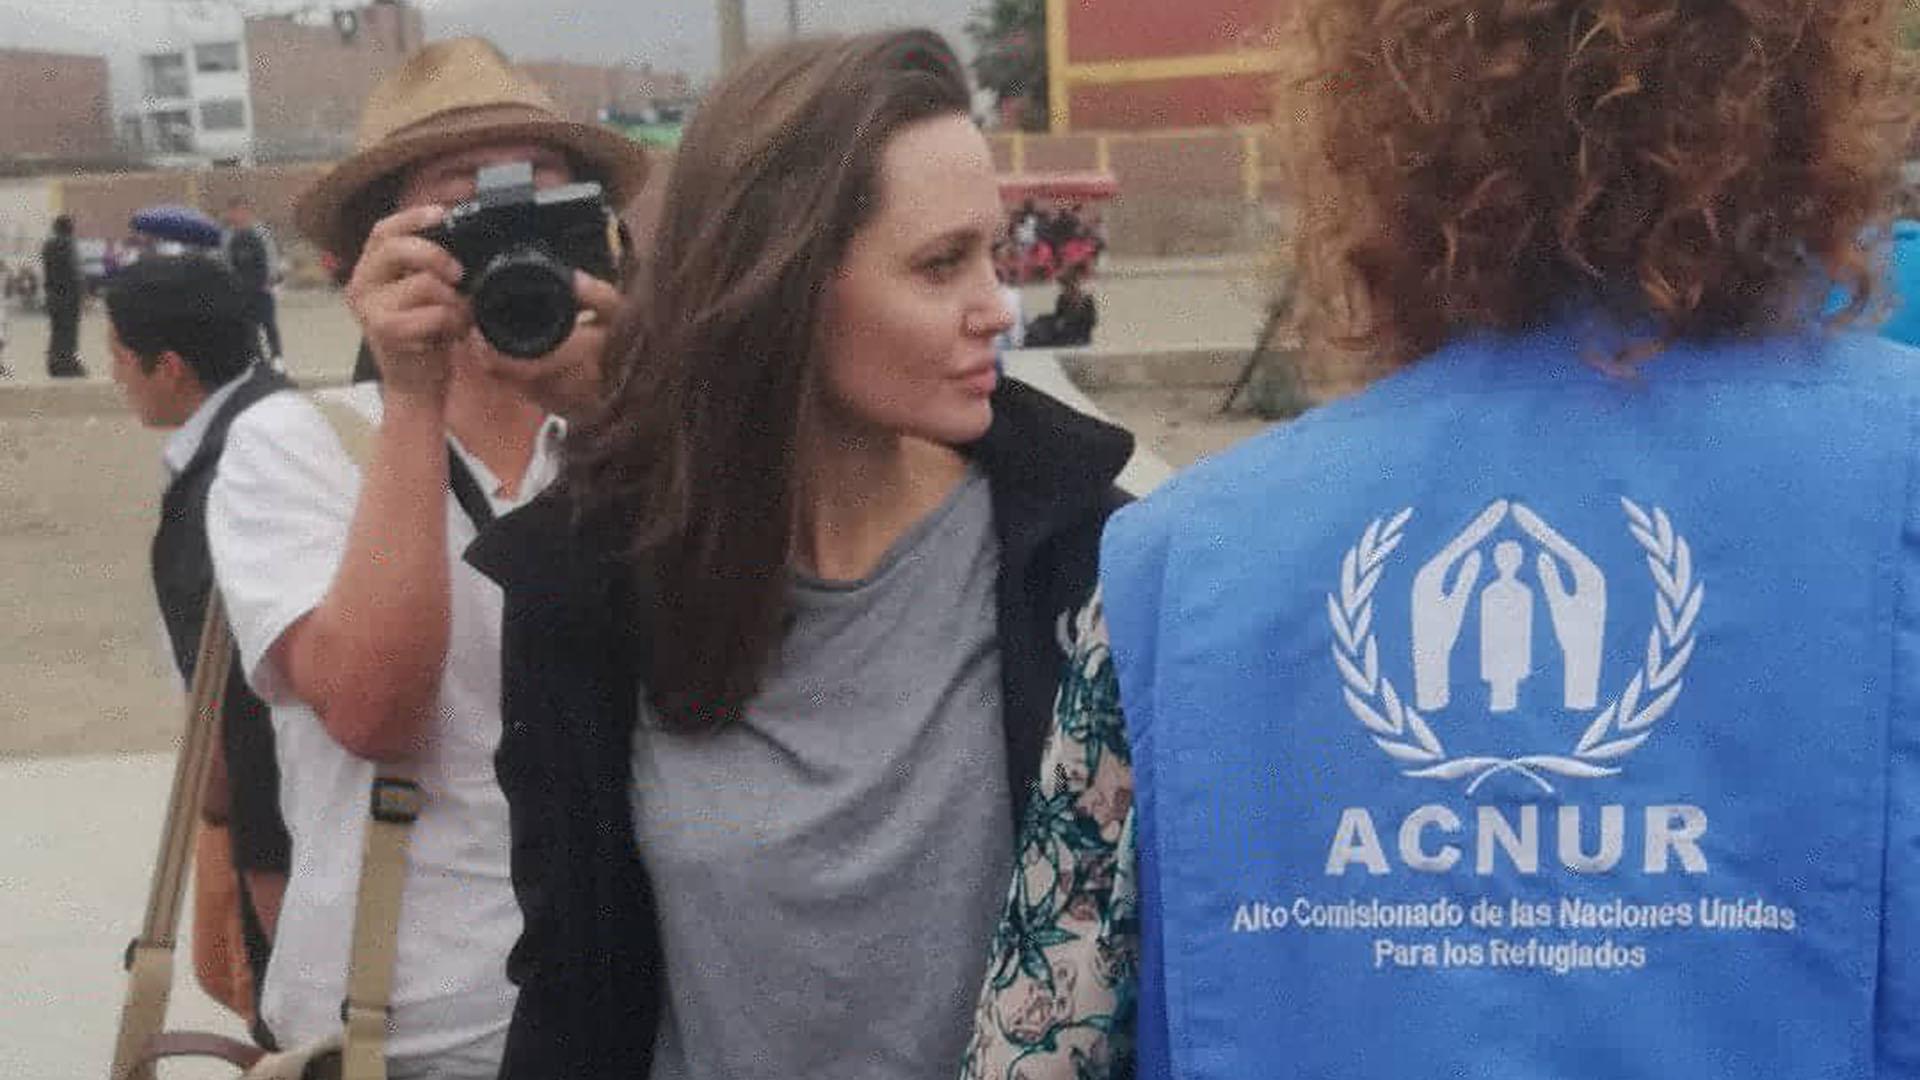 La actriz escuchó los reclamos de los refugiados (@rosmery_steph)